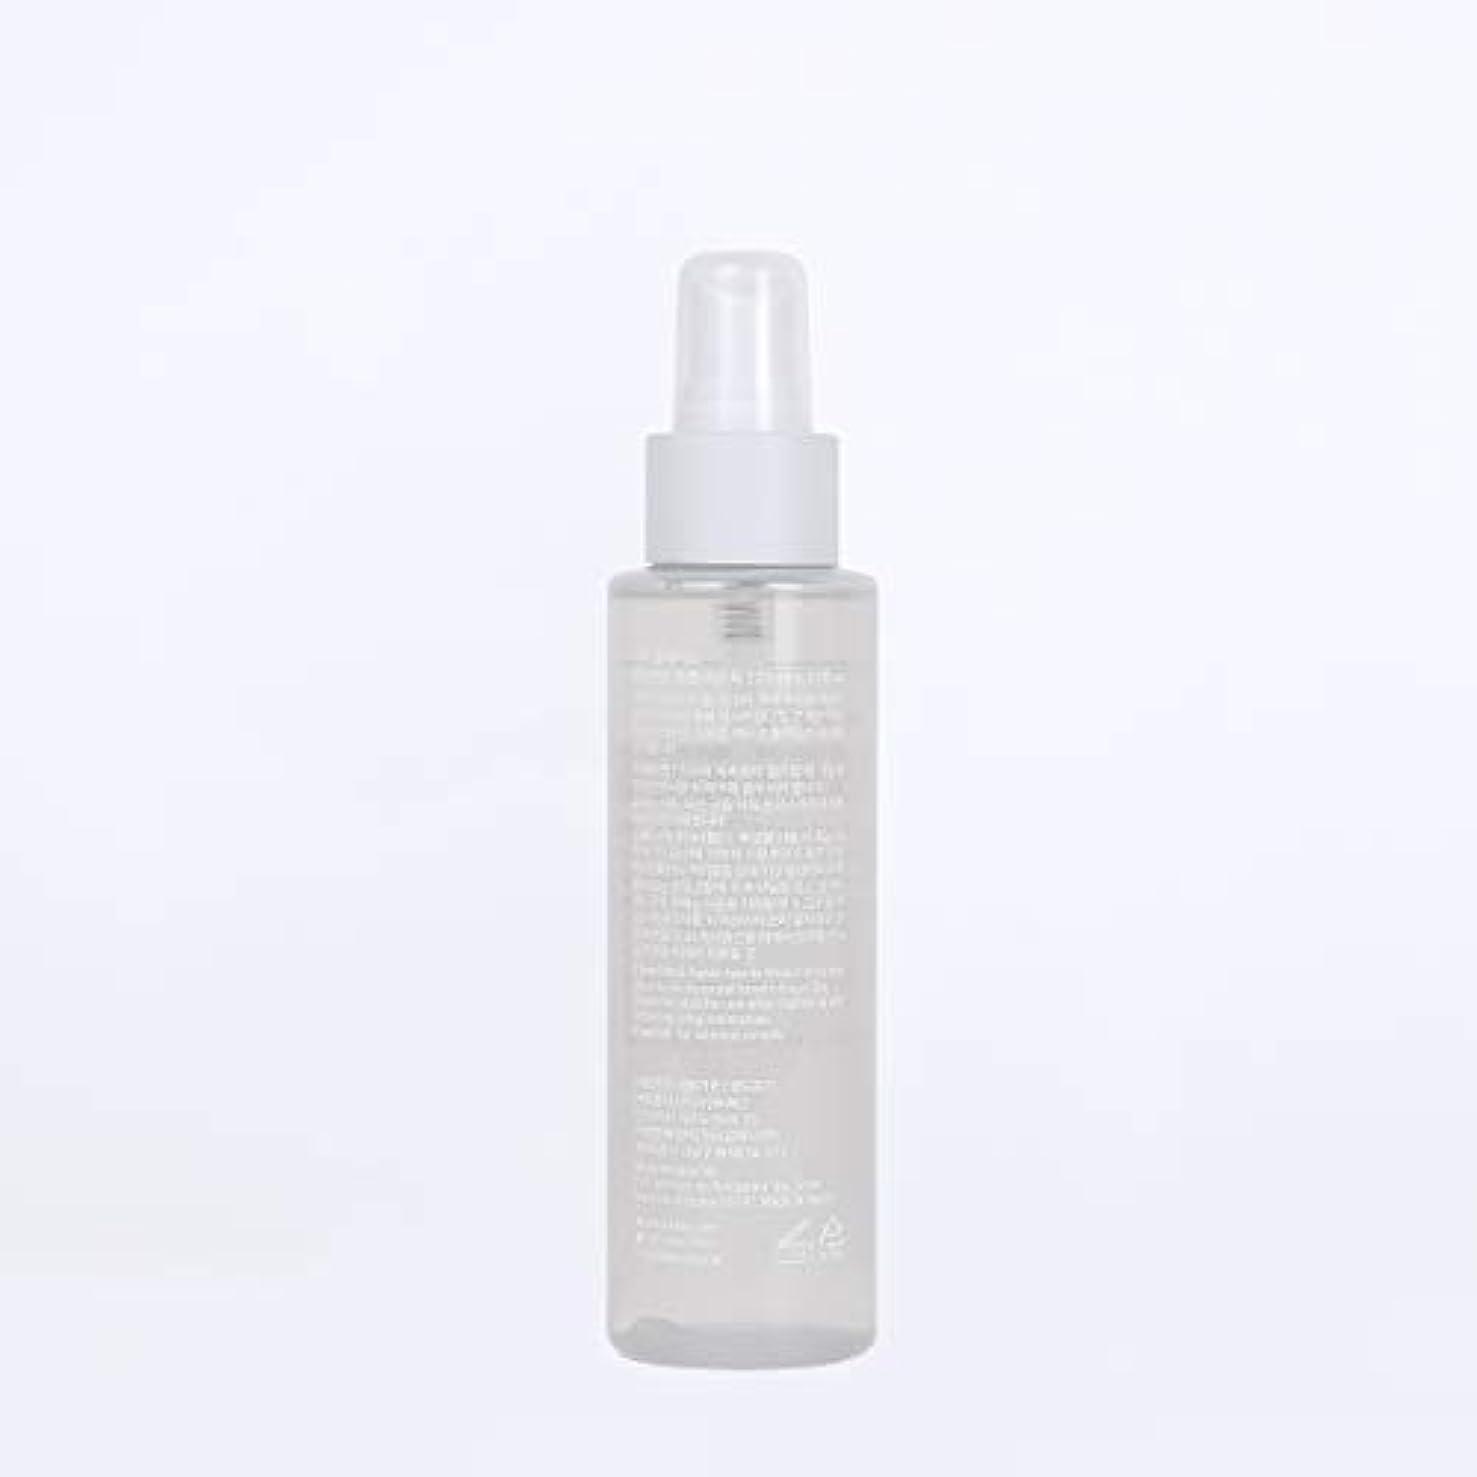 予防接種薄い傑出した【クレアス(Klairs)】ファンダメンタルアンプルミスト, Fundamental Ampule Mist, 125ml [並行輸入品]